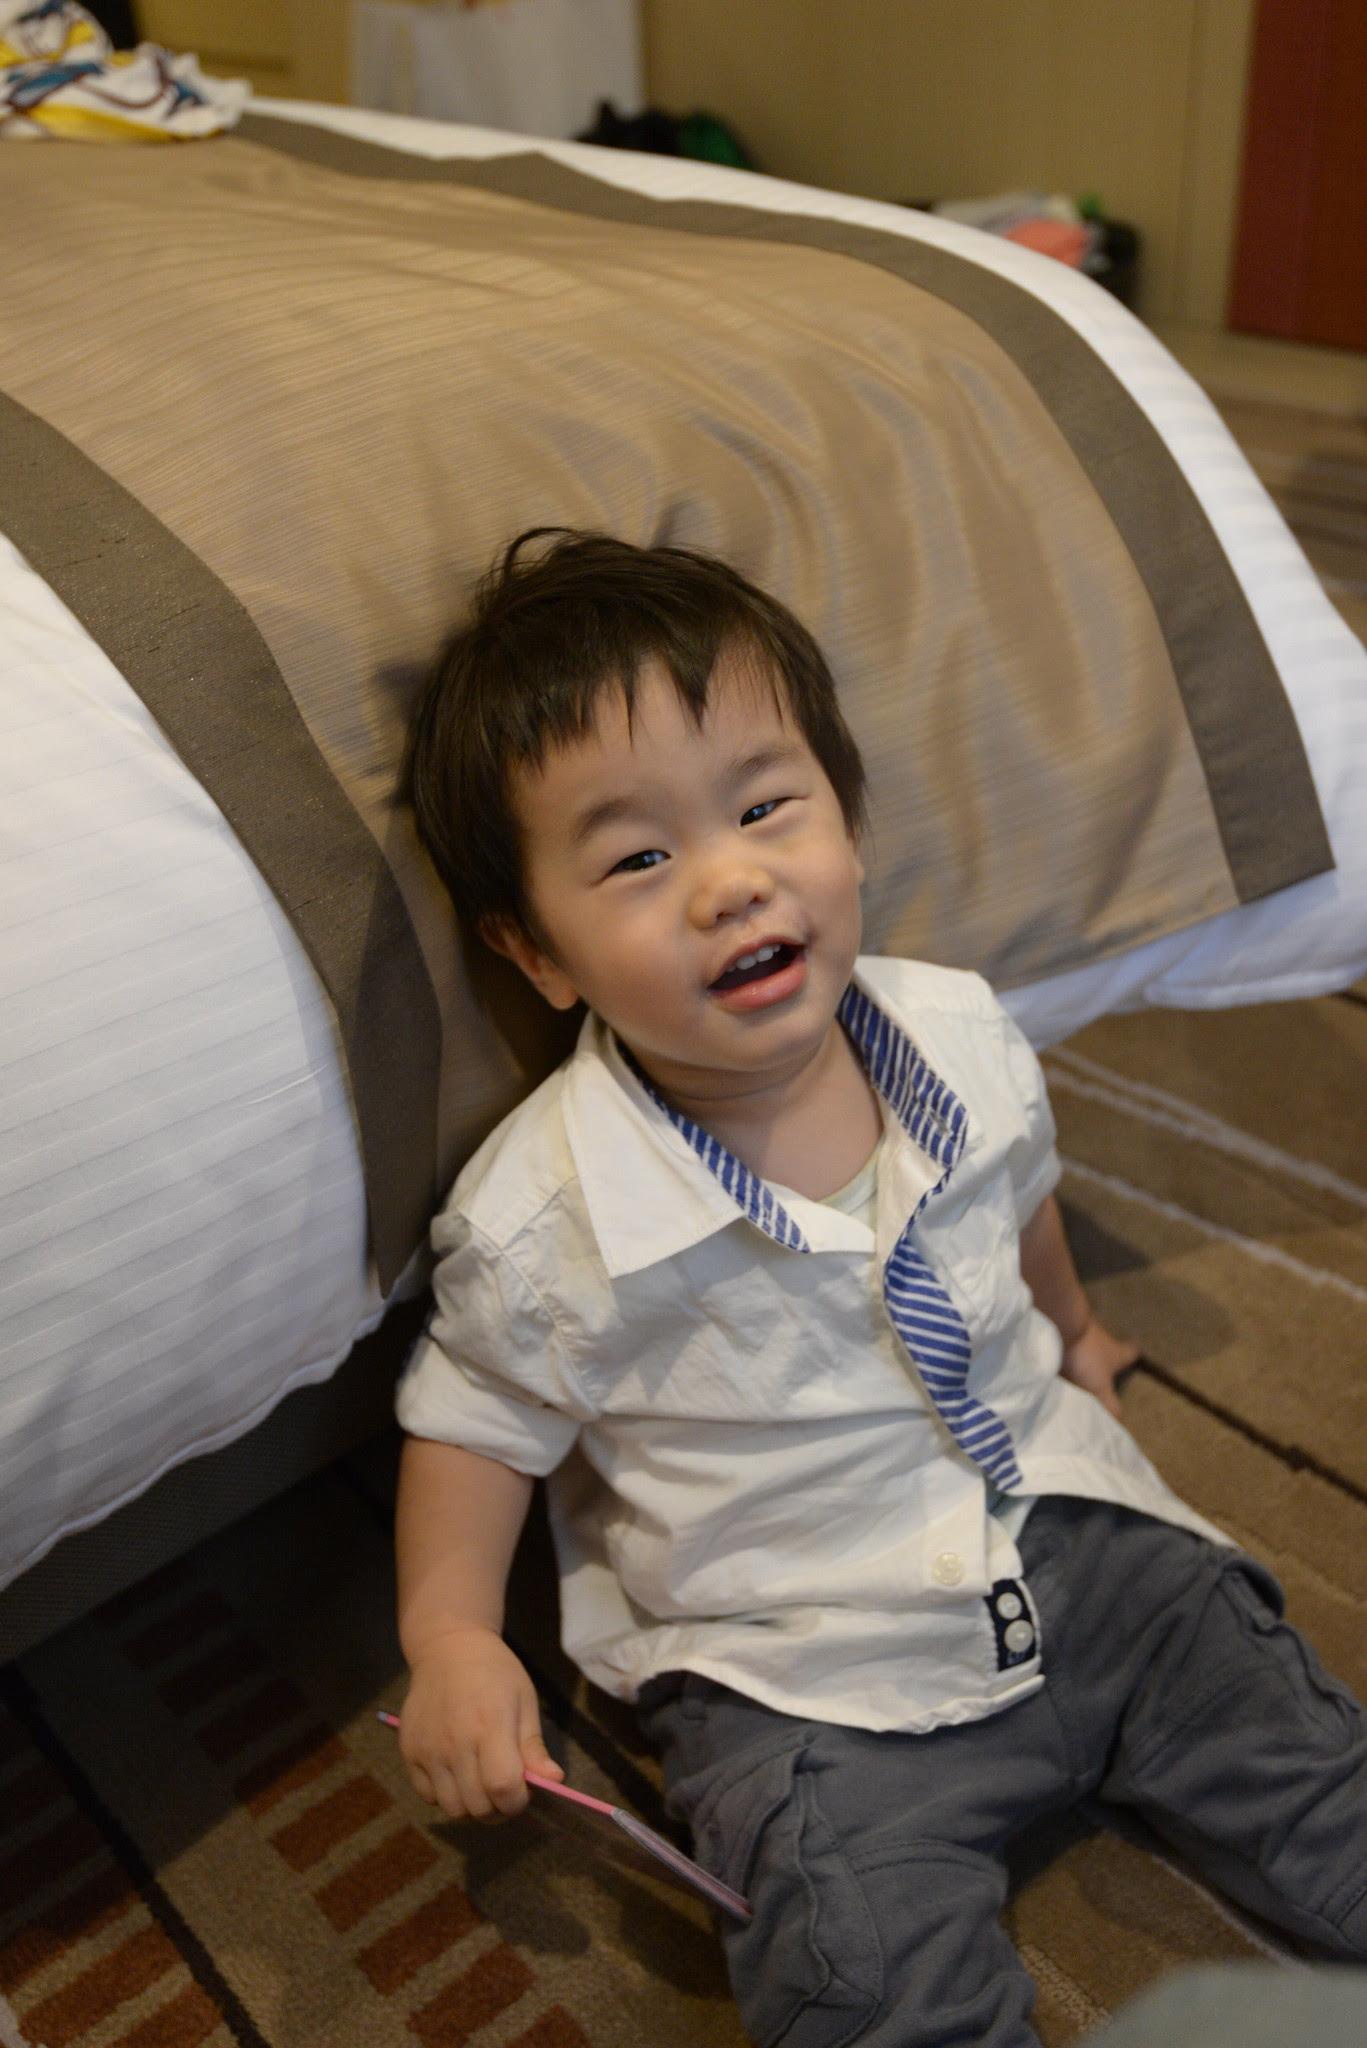 無敵元氣小寶貝: [2013 涼夏九州][福岡博多的住宿推薦 - 環境客房篇] JR 九州ホテル ブラッサム (Blossom) 博多中央